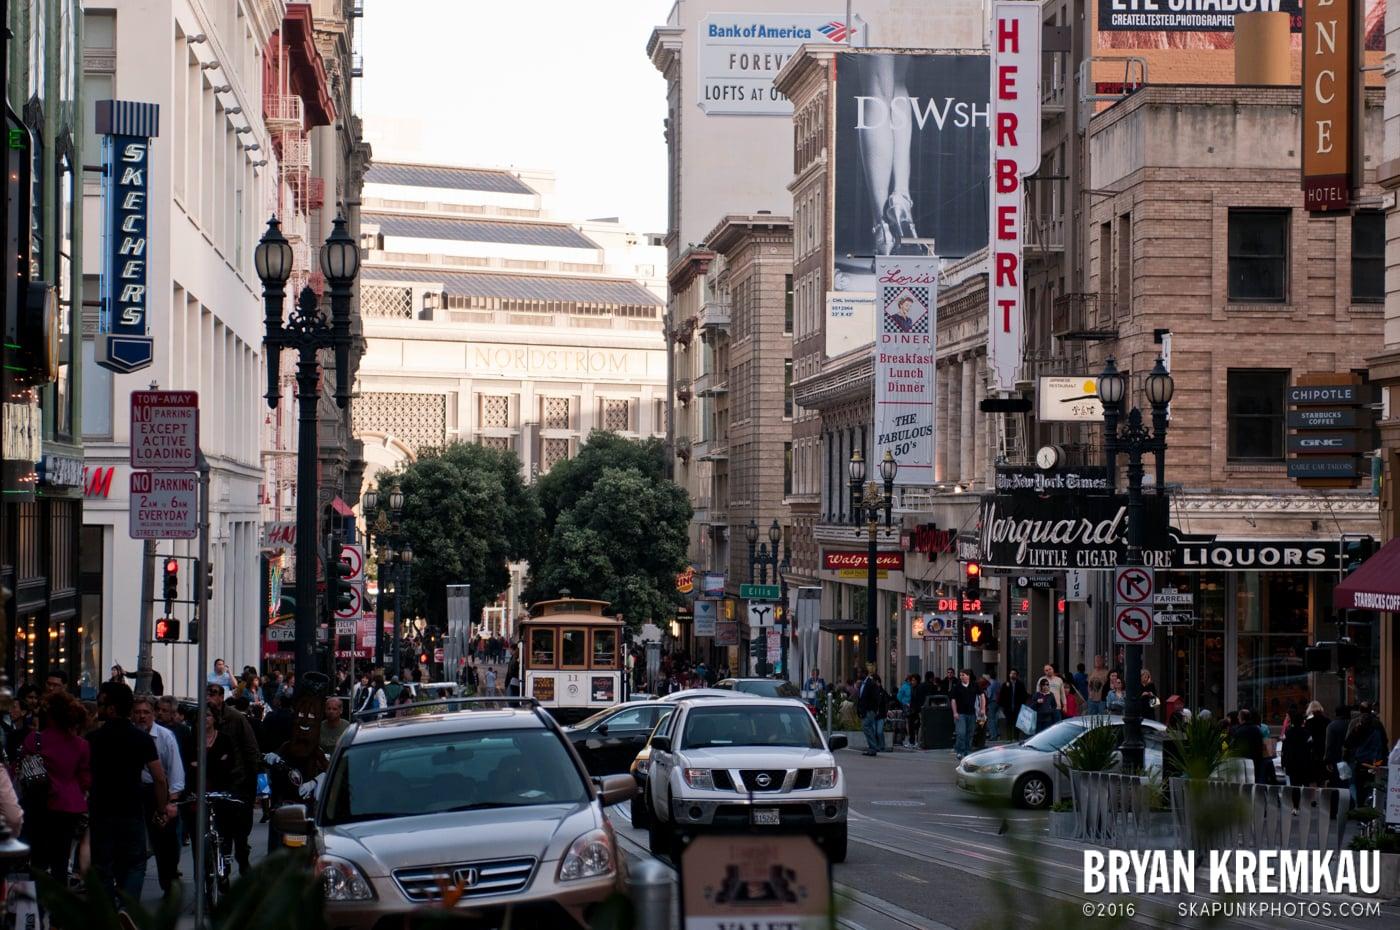 San Francisco Vacation - Day 1 - 4.28.12 (4)